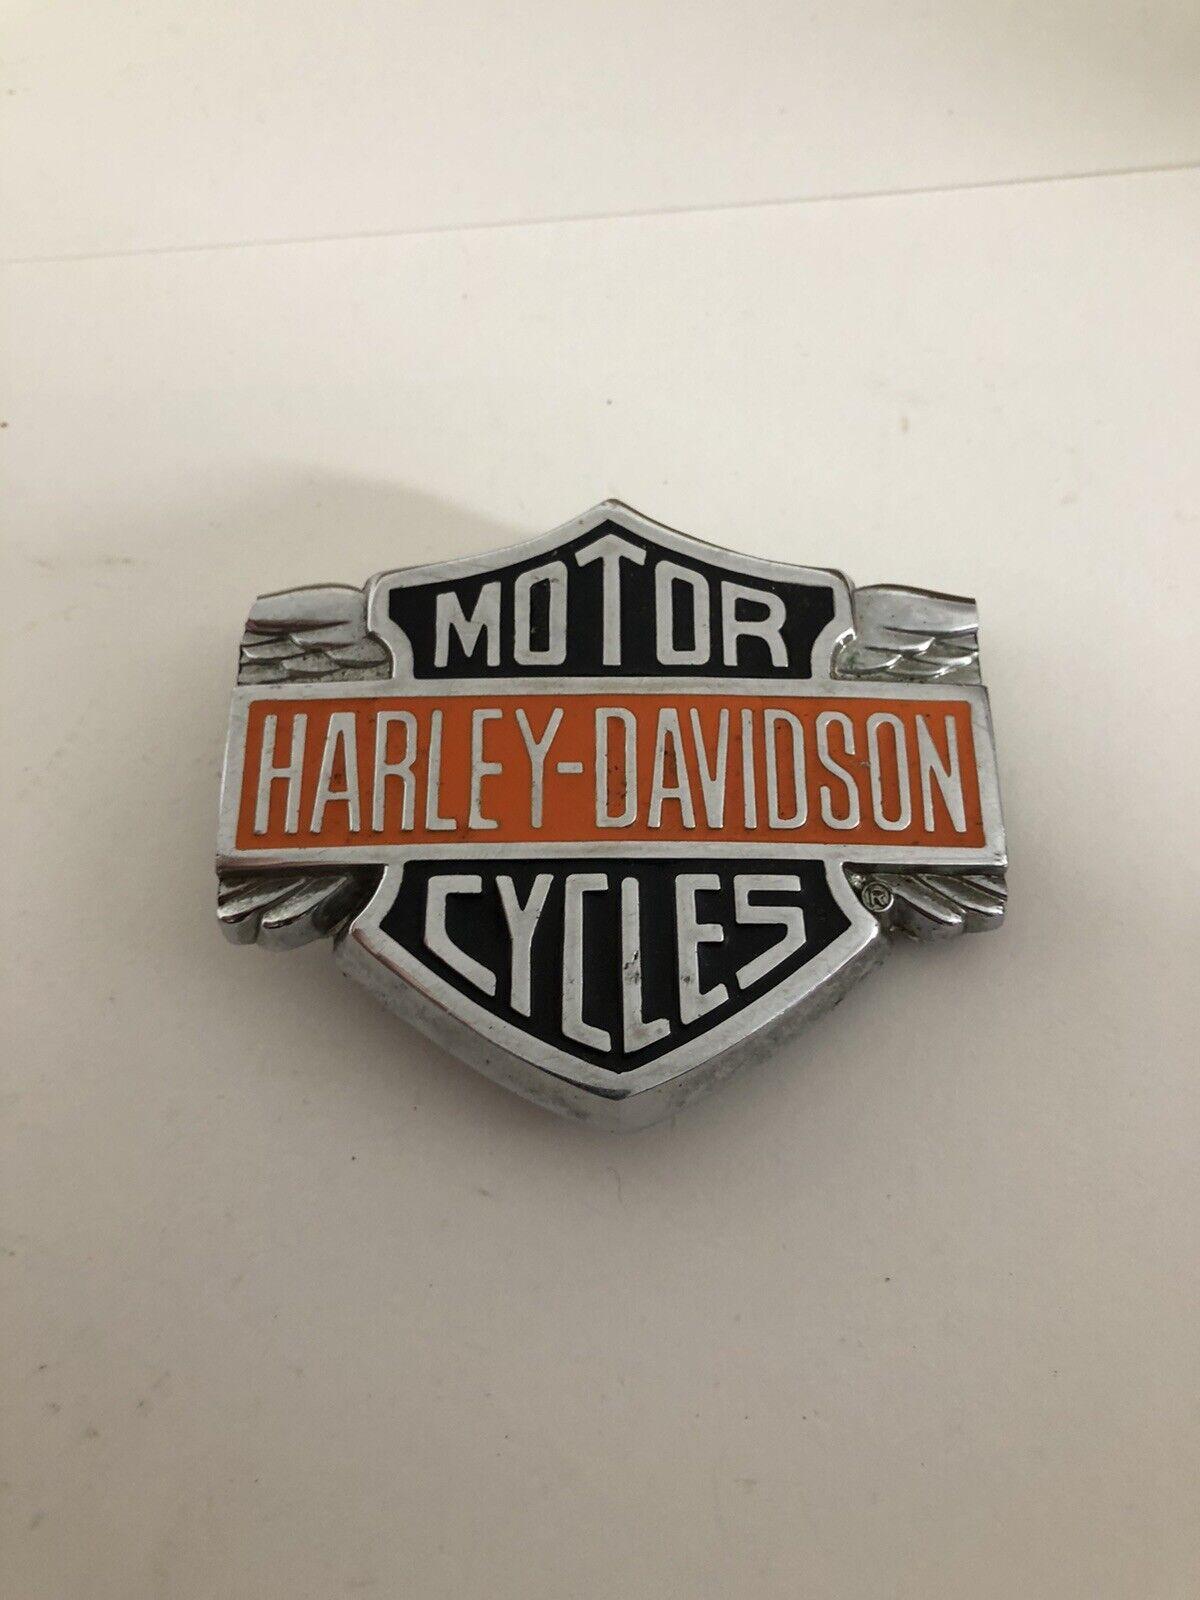 Harley Davidson belt buckle 2005